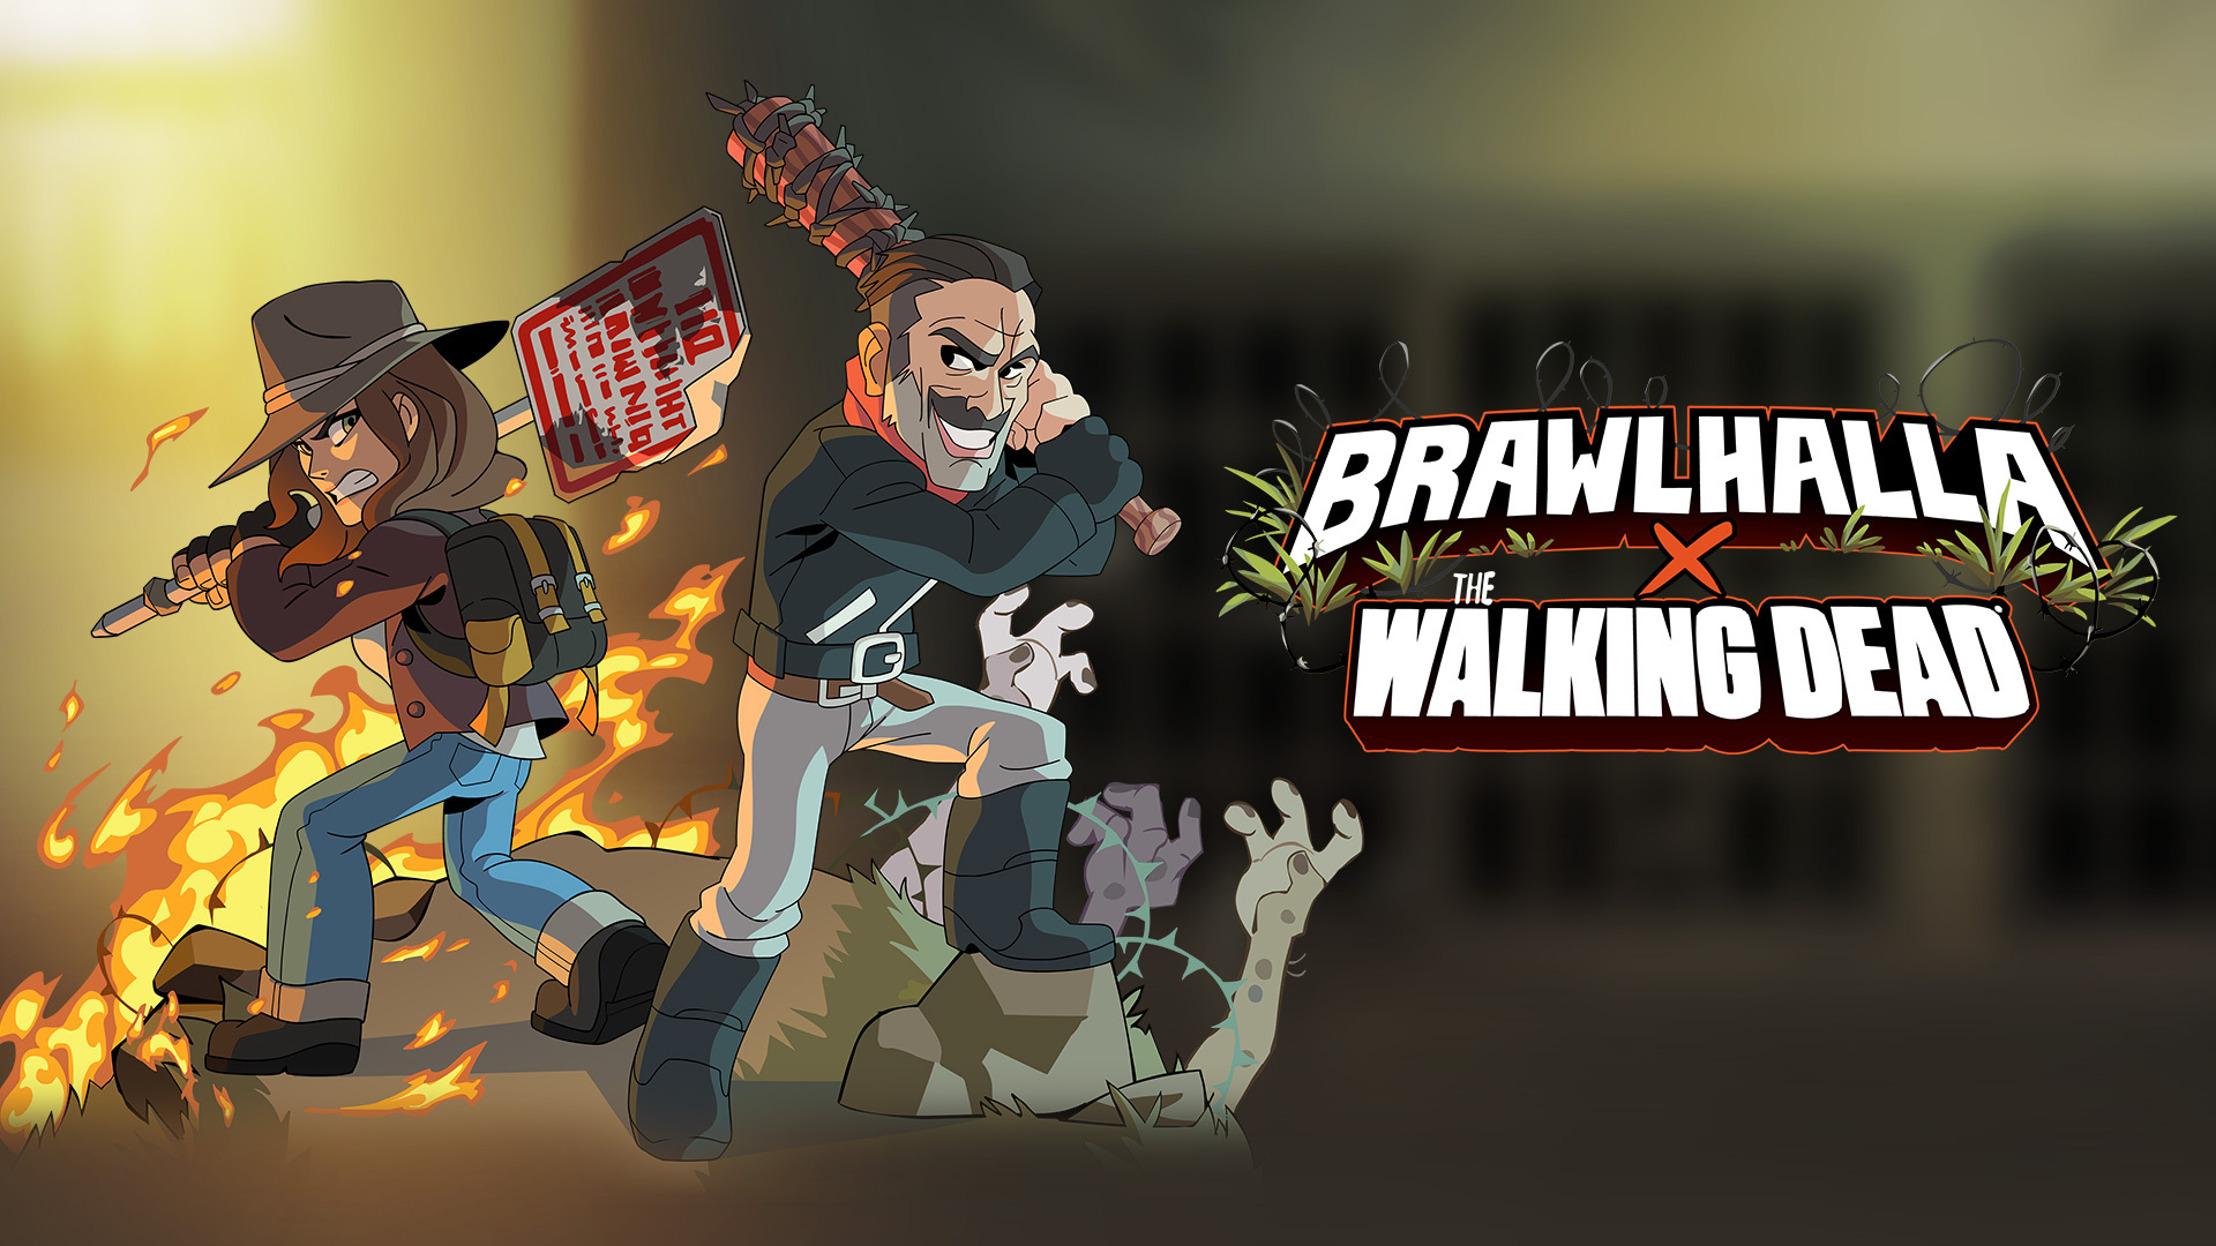 Preview: THE WALKING DEAD-CHARAKTERE NEGAN UND MAGGIE KOMMEN AM 22. SEPTEMBER NACH BRAWLHALLA®